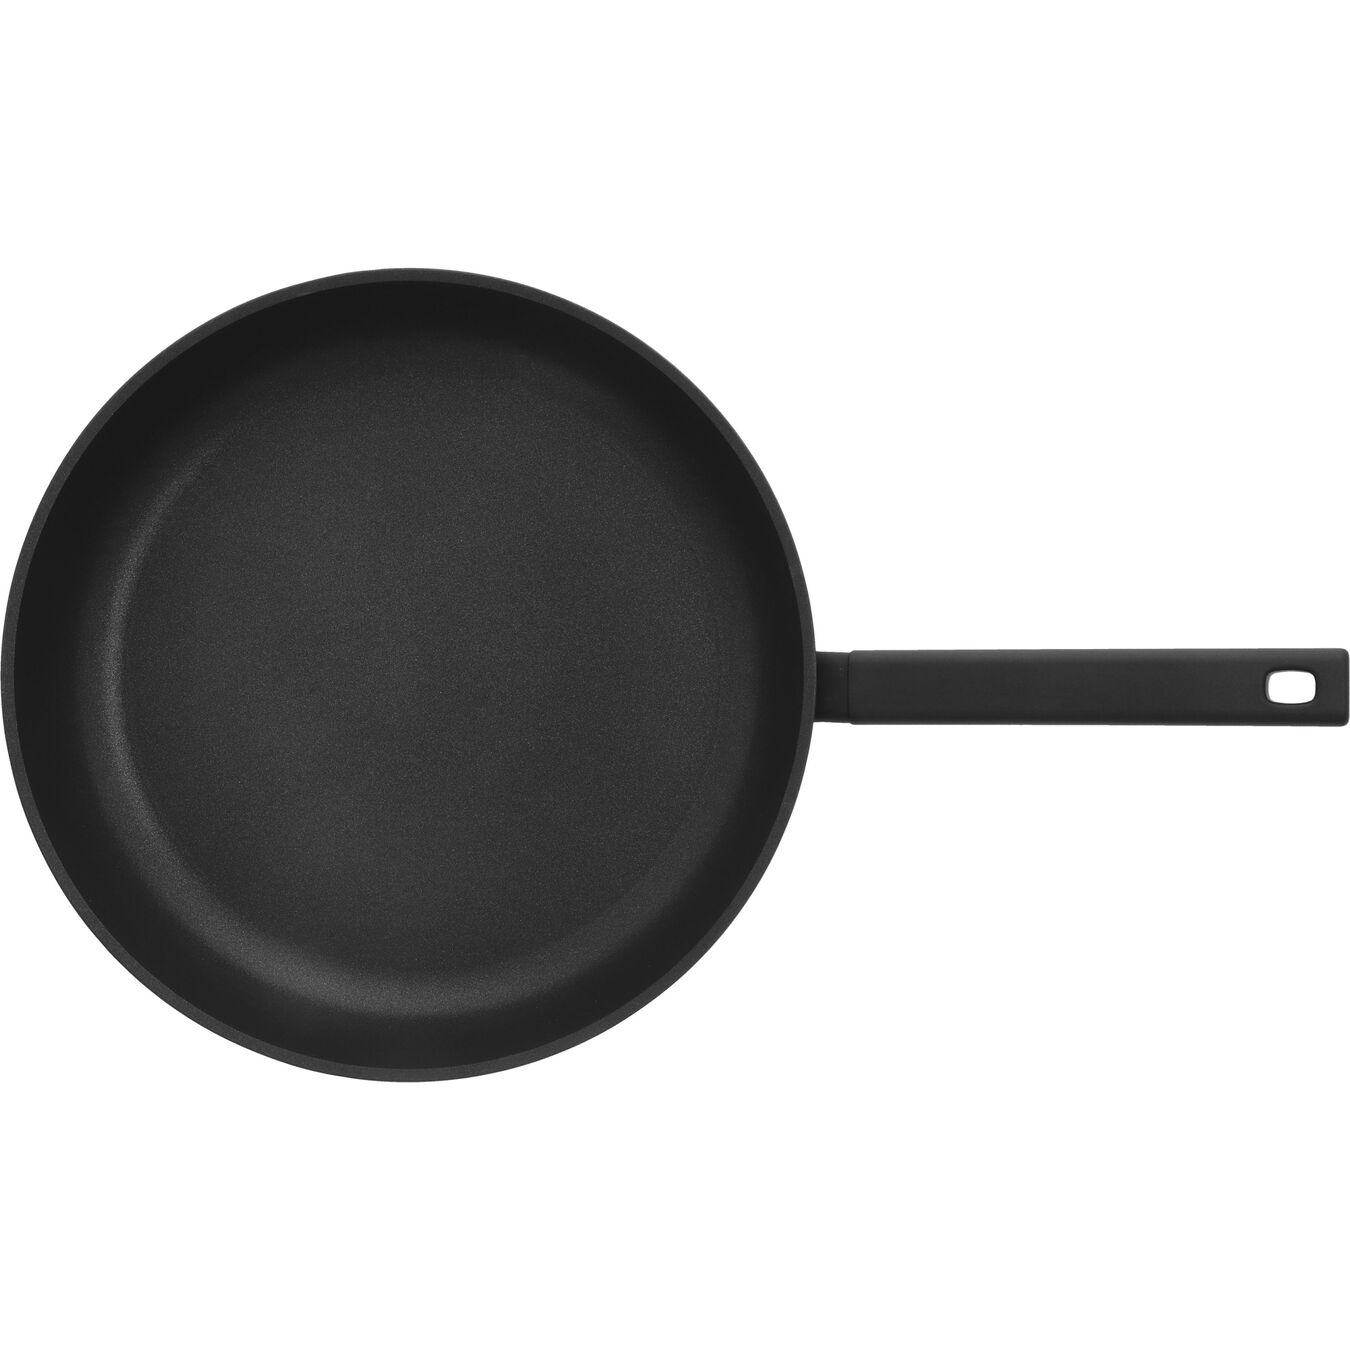 Bakpan Zwart, 30 cm,,large 5